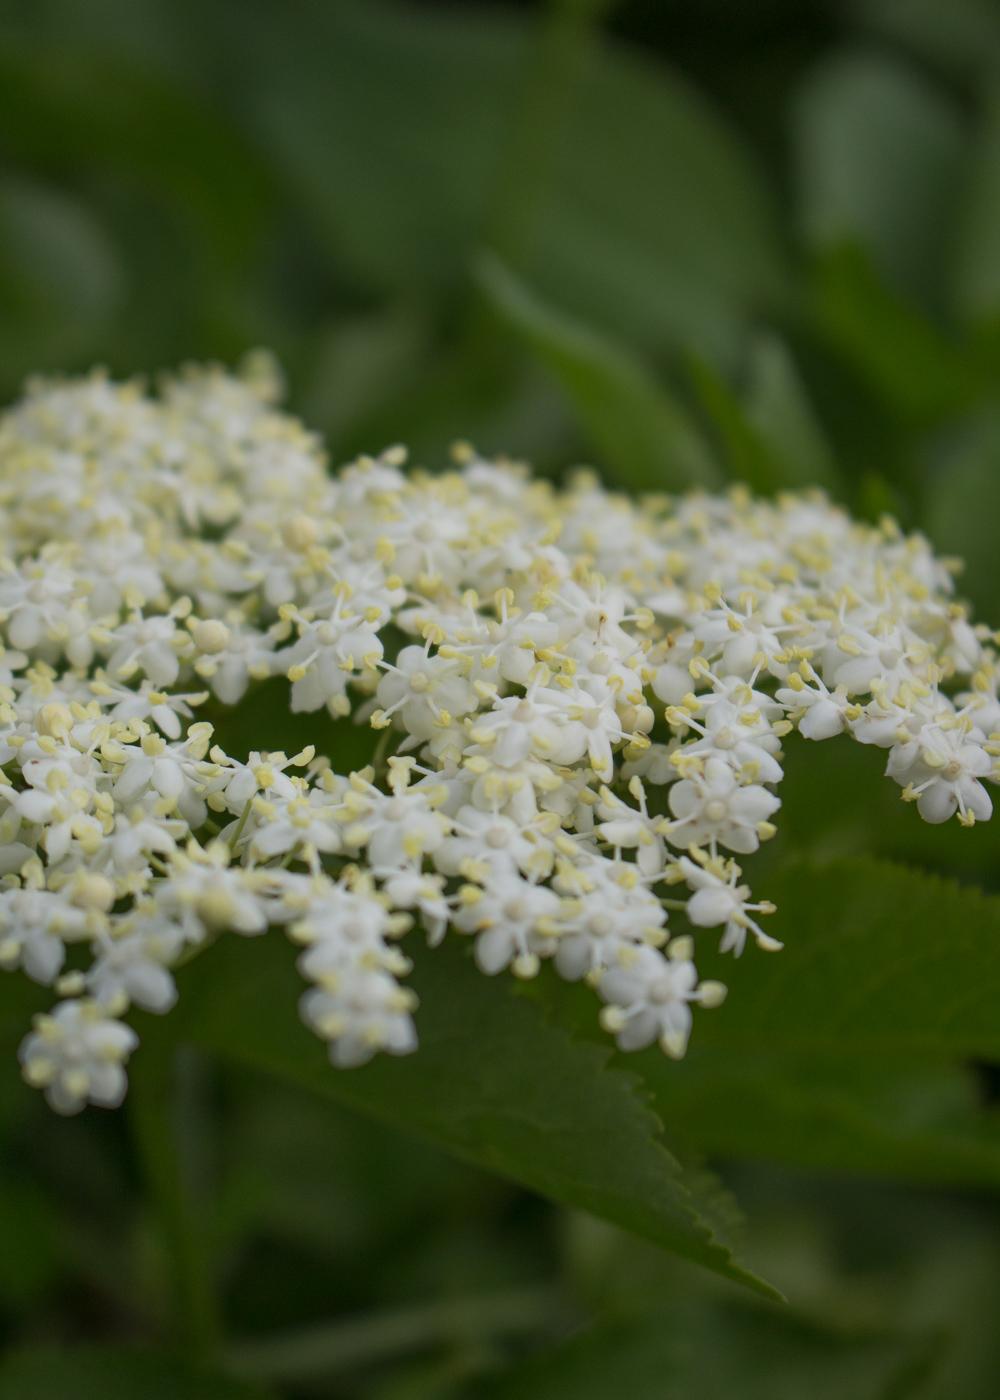 I fiori di sambuco - Lily&Sage Design